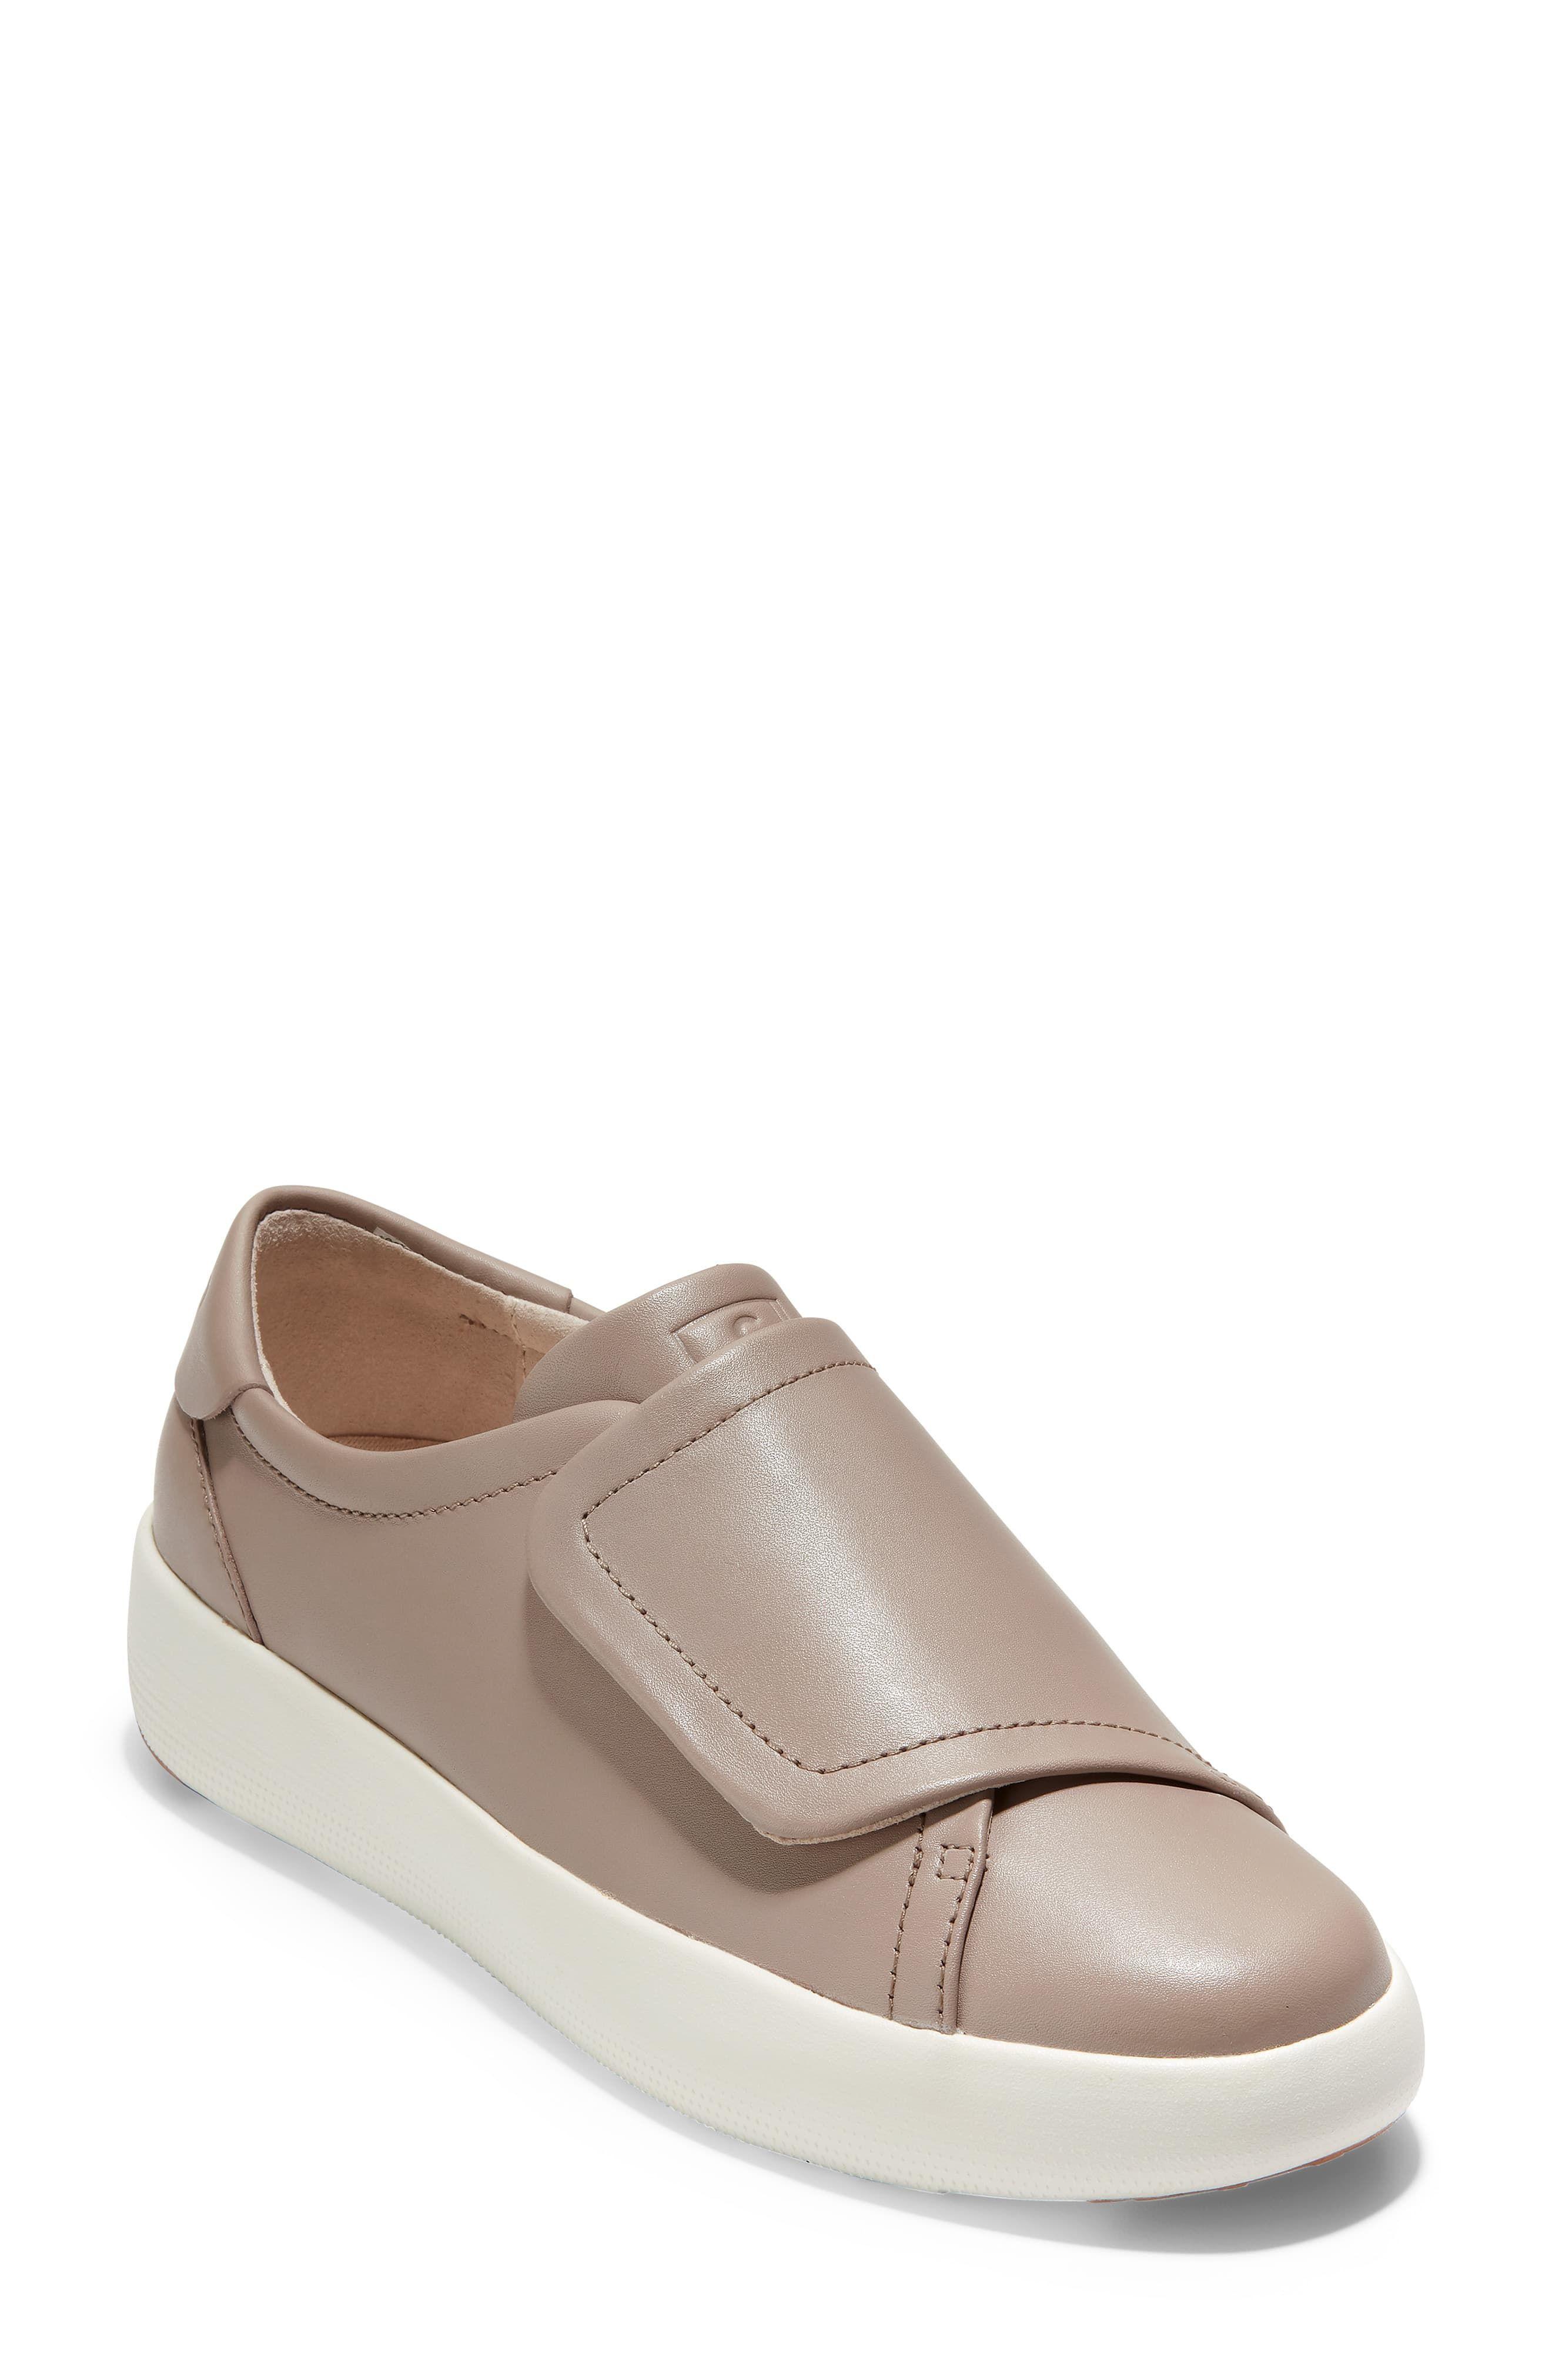 Cole Haan GrandPro Flatform Sneaker (Women   Flatform